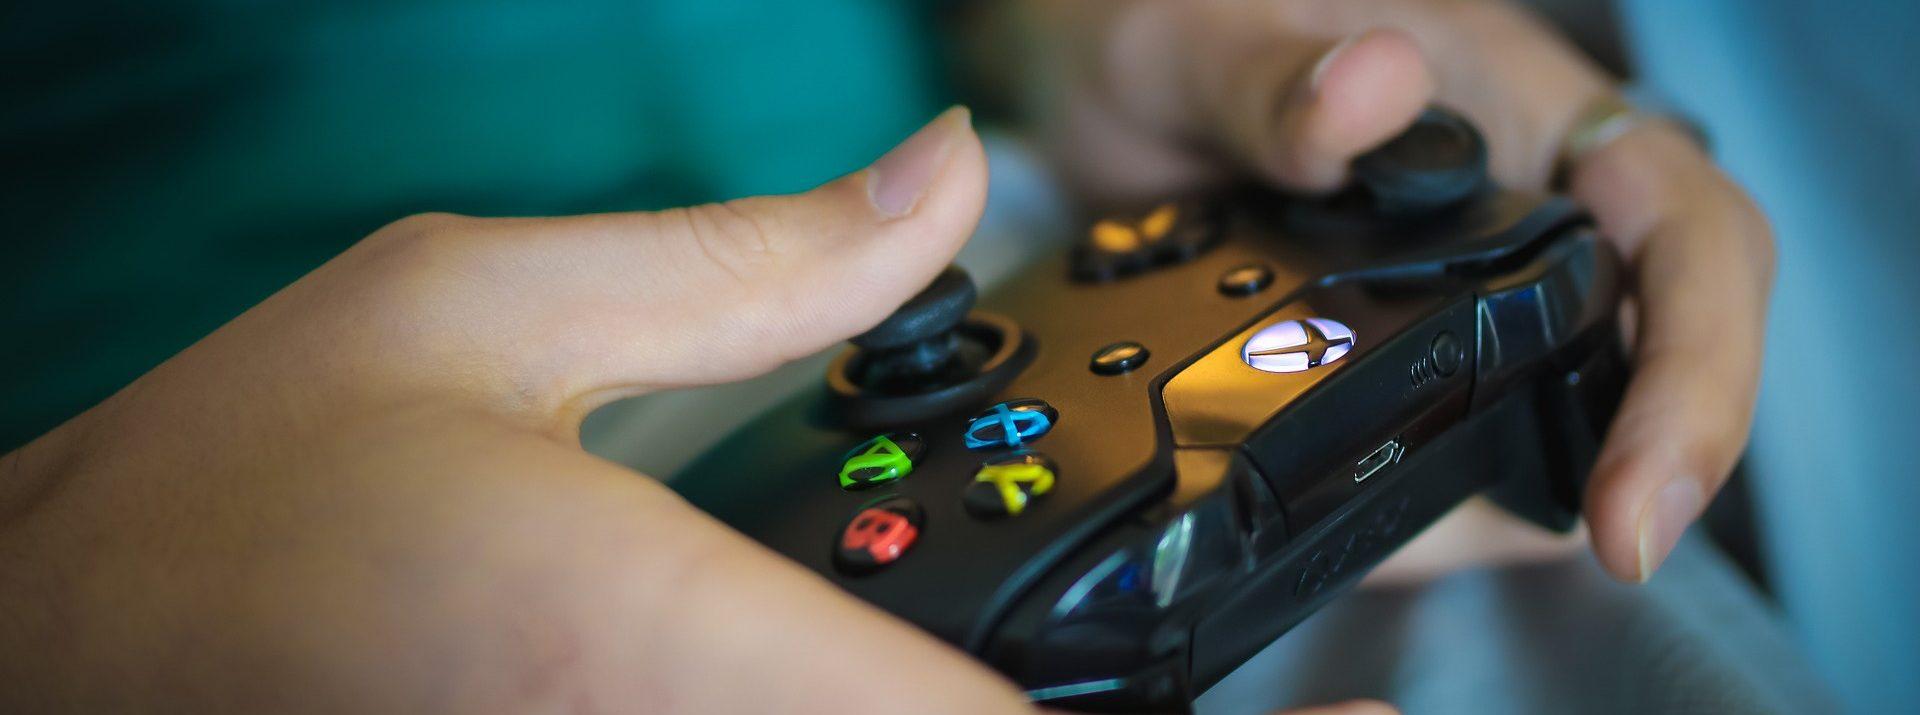 Videojuegos, nuevas tecnologías y adicciones.